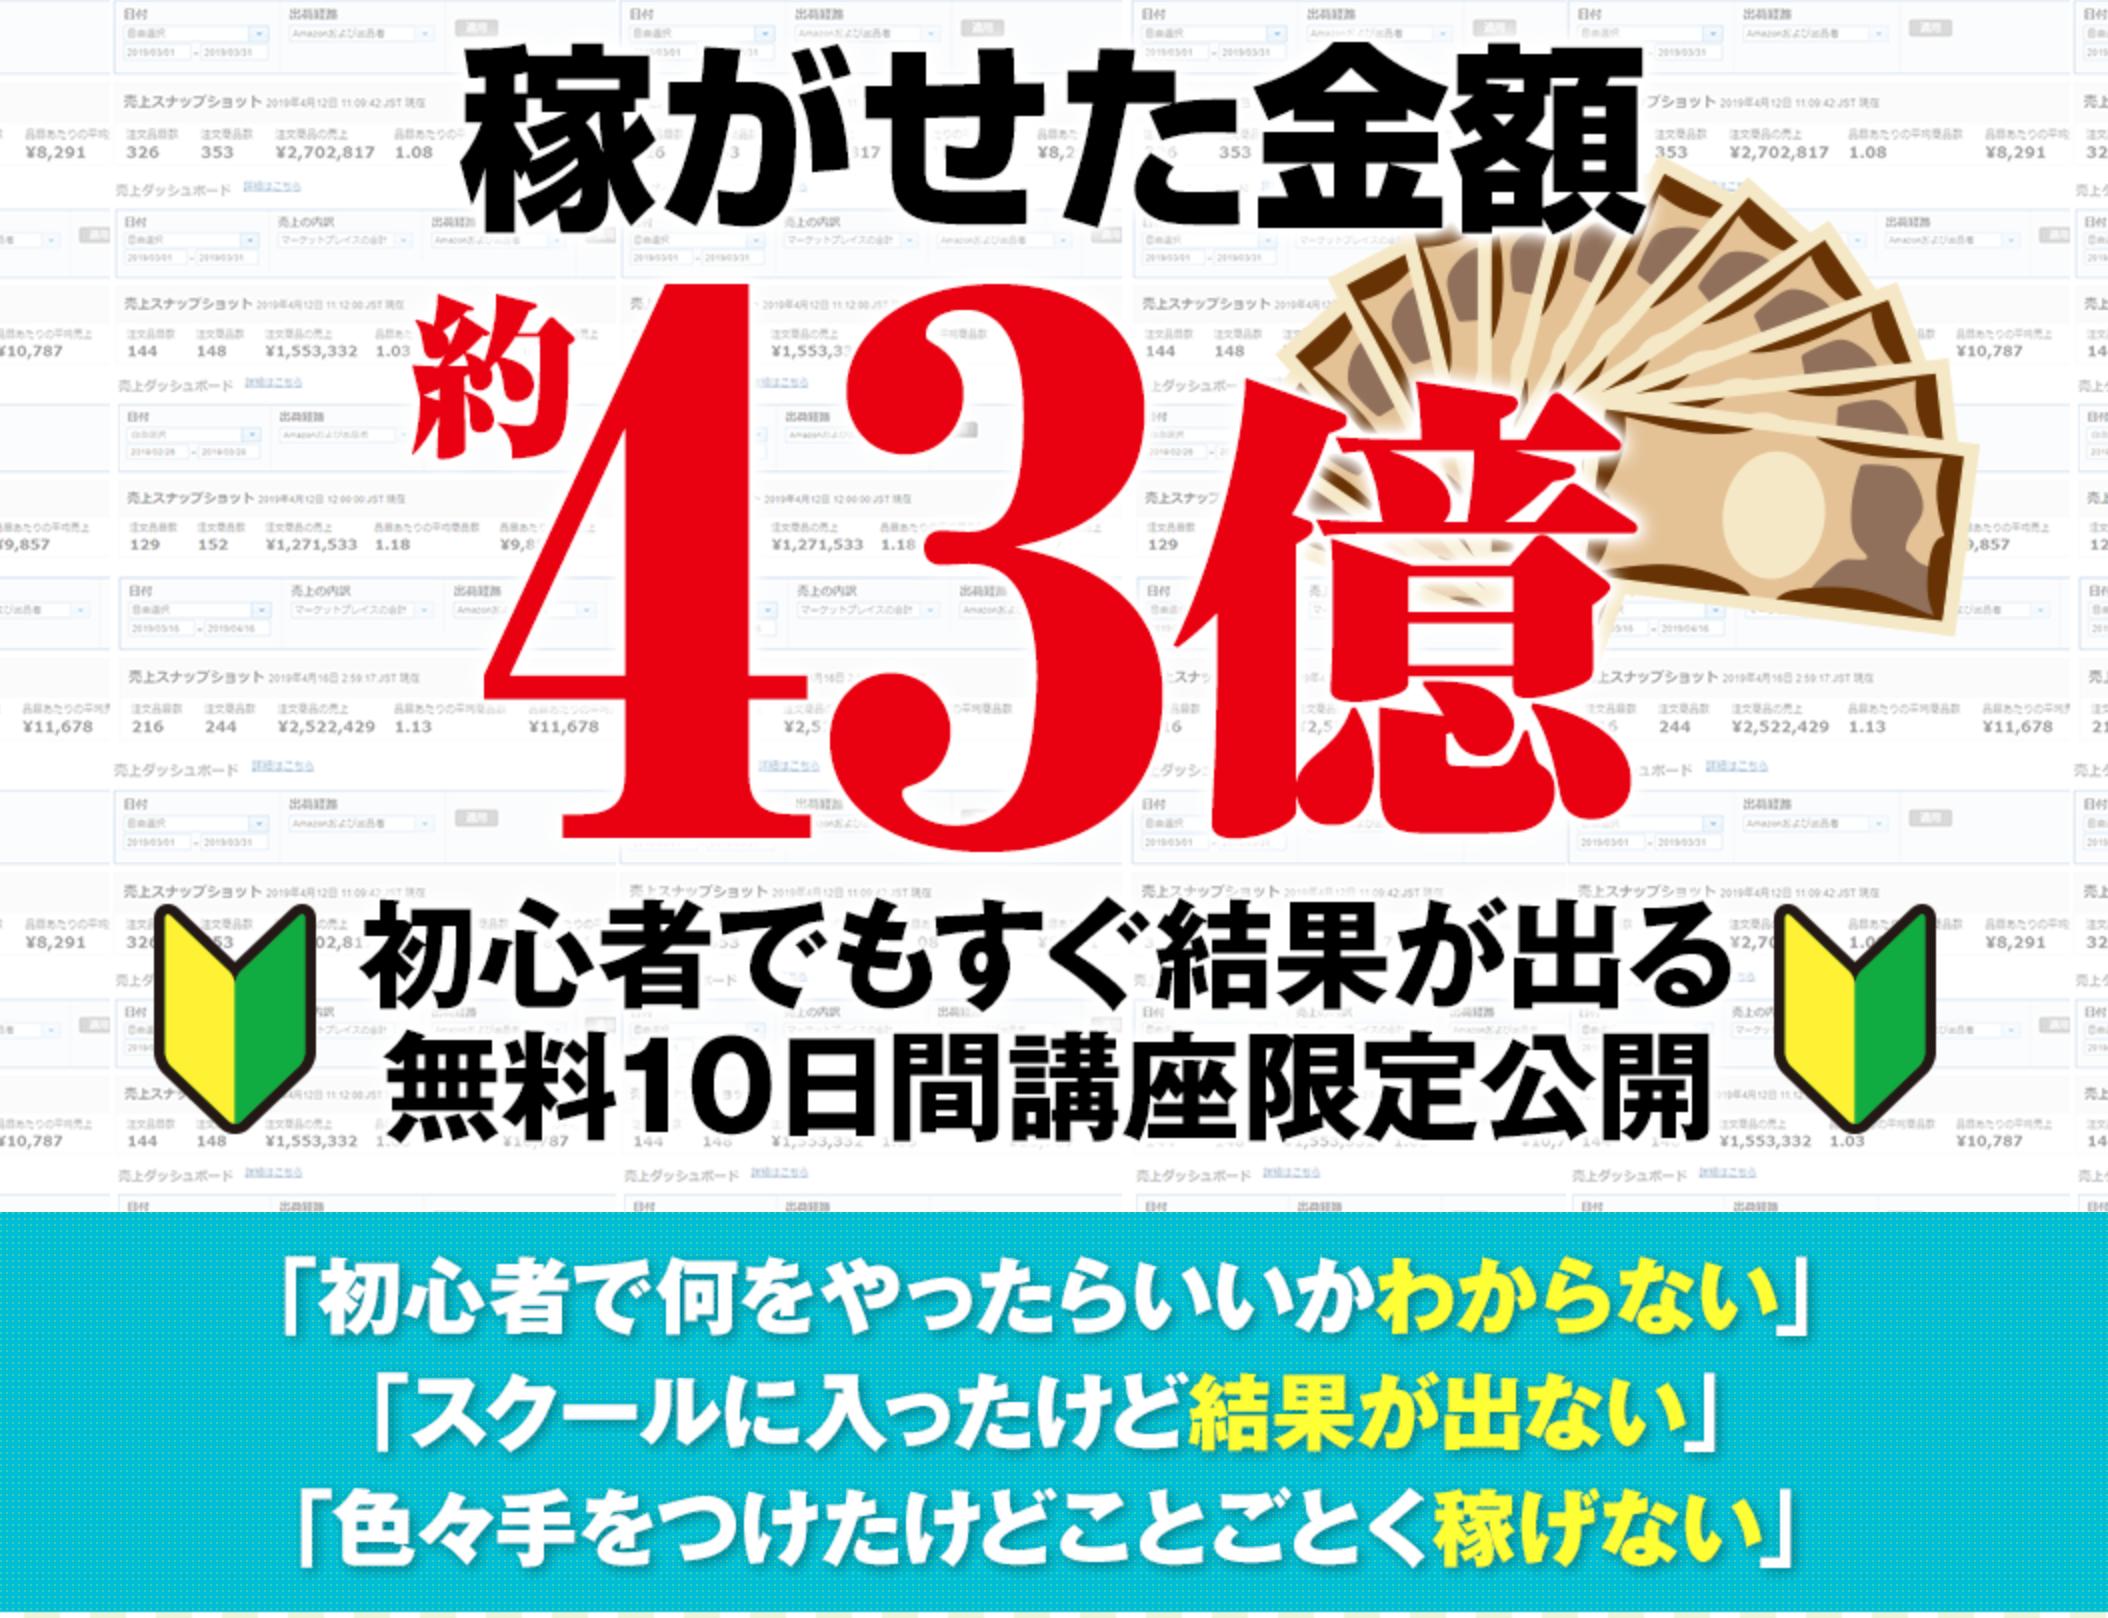 齋藤朋子 テッパン安定転売術って一体なに?稼げるのか? 評判 口コミ 詐欺 返金 ネットビジネス裁判官が独自の視点で検証していきます。